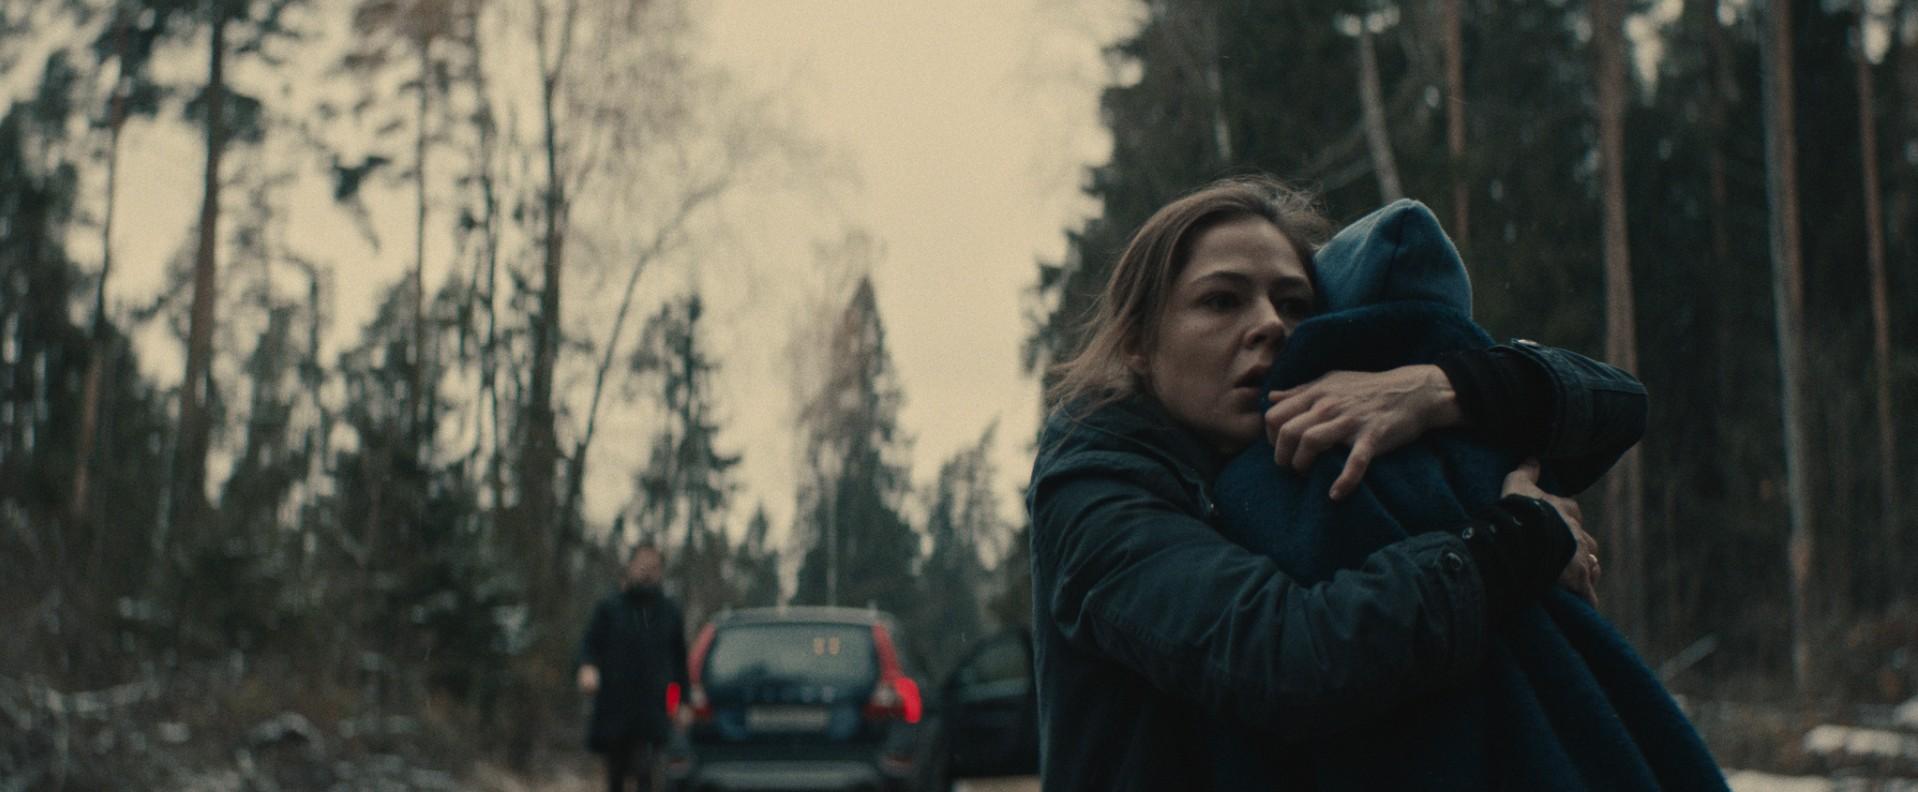 《陰兒》豢養寄宿人間的惡魔 直擊孤兒虐殺愛母